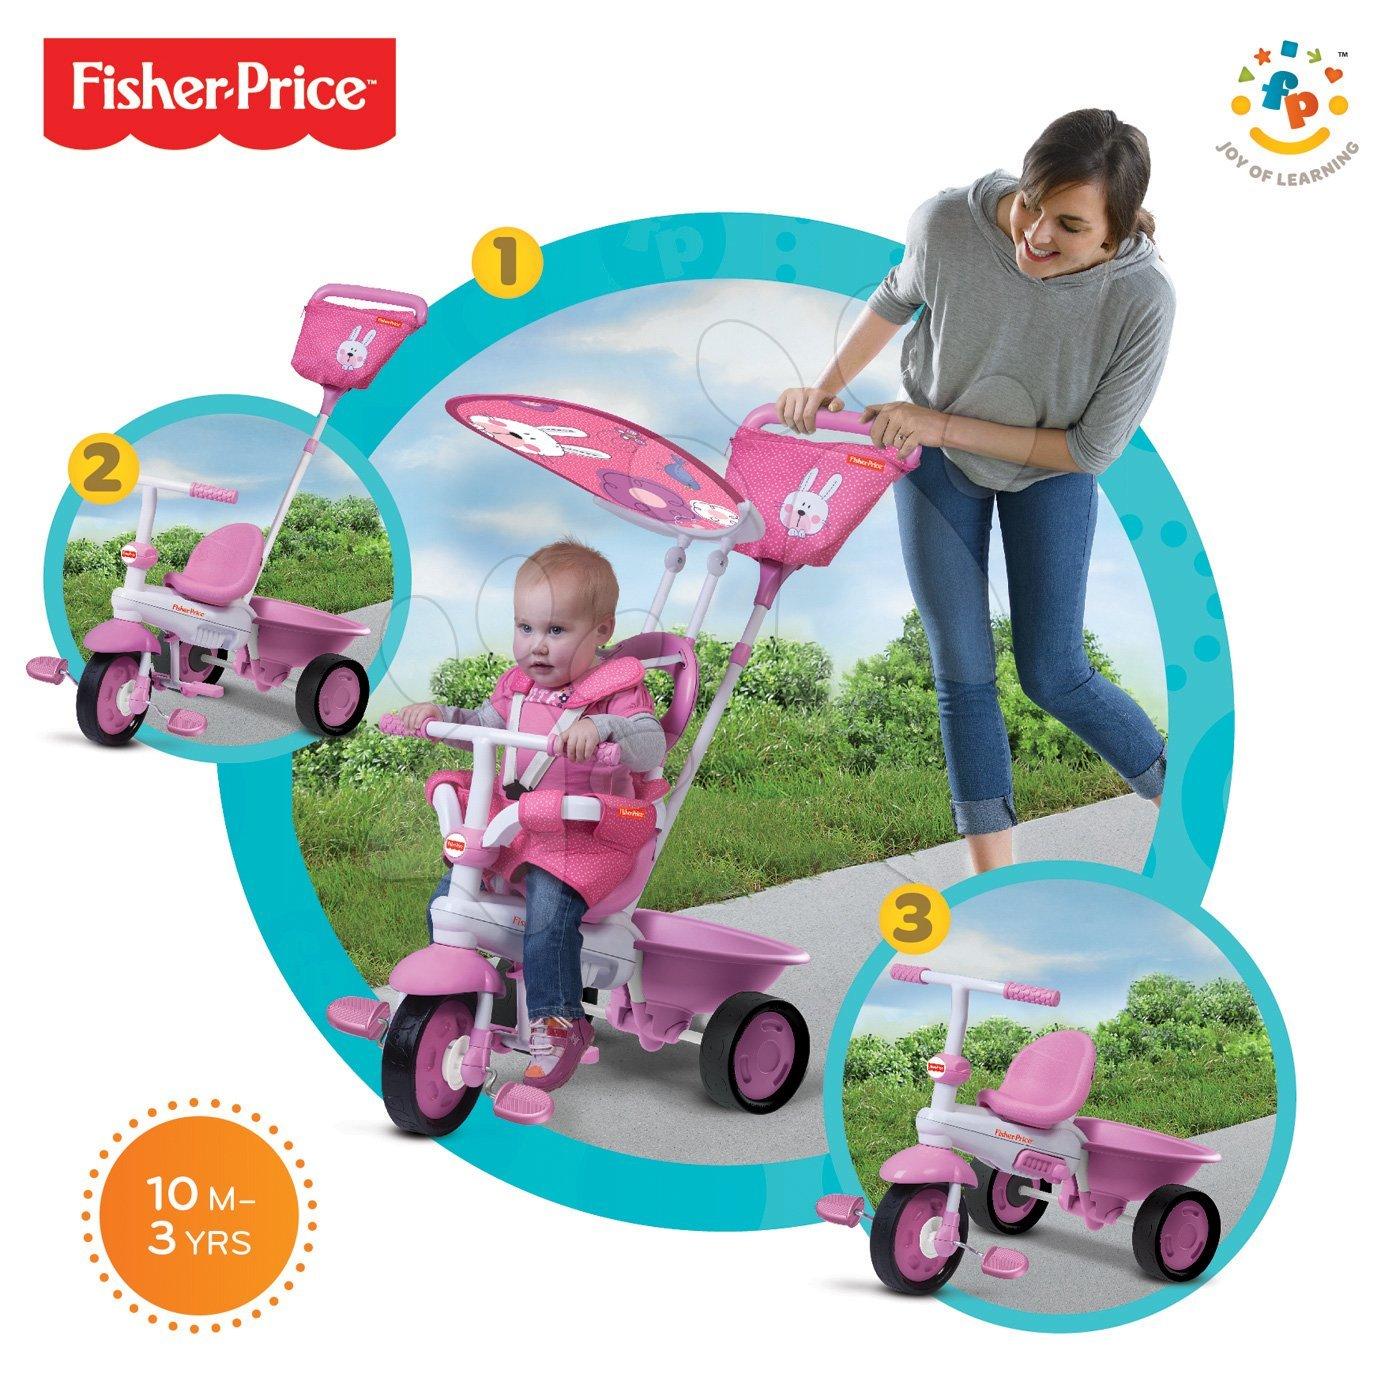 Tříkolka Fisher-Price Elite Pink růžová smarTrike růžová od 10 měsíců